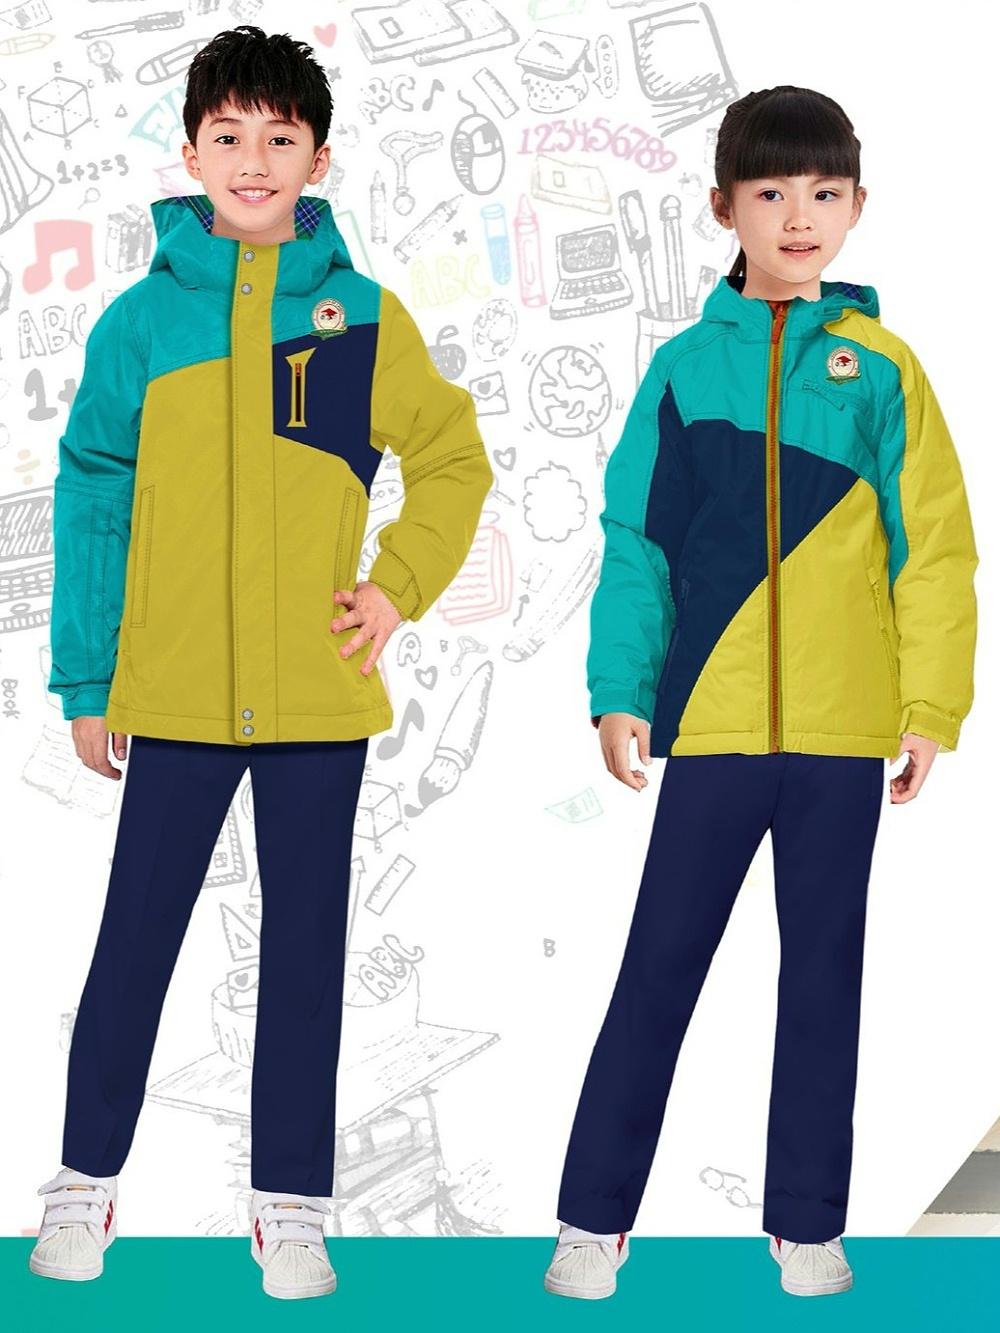 冬季小学校服 实验小学的校服